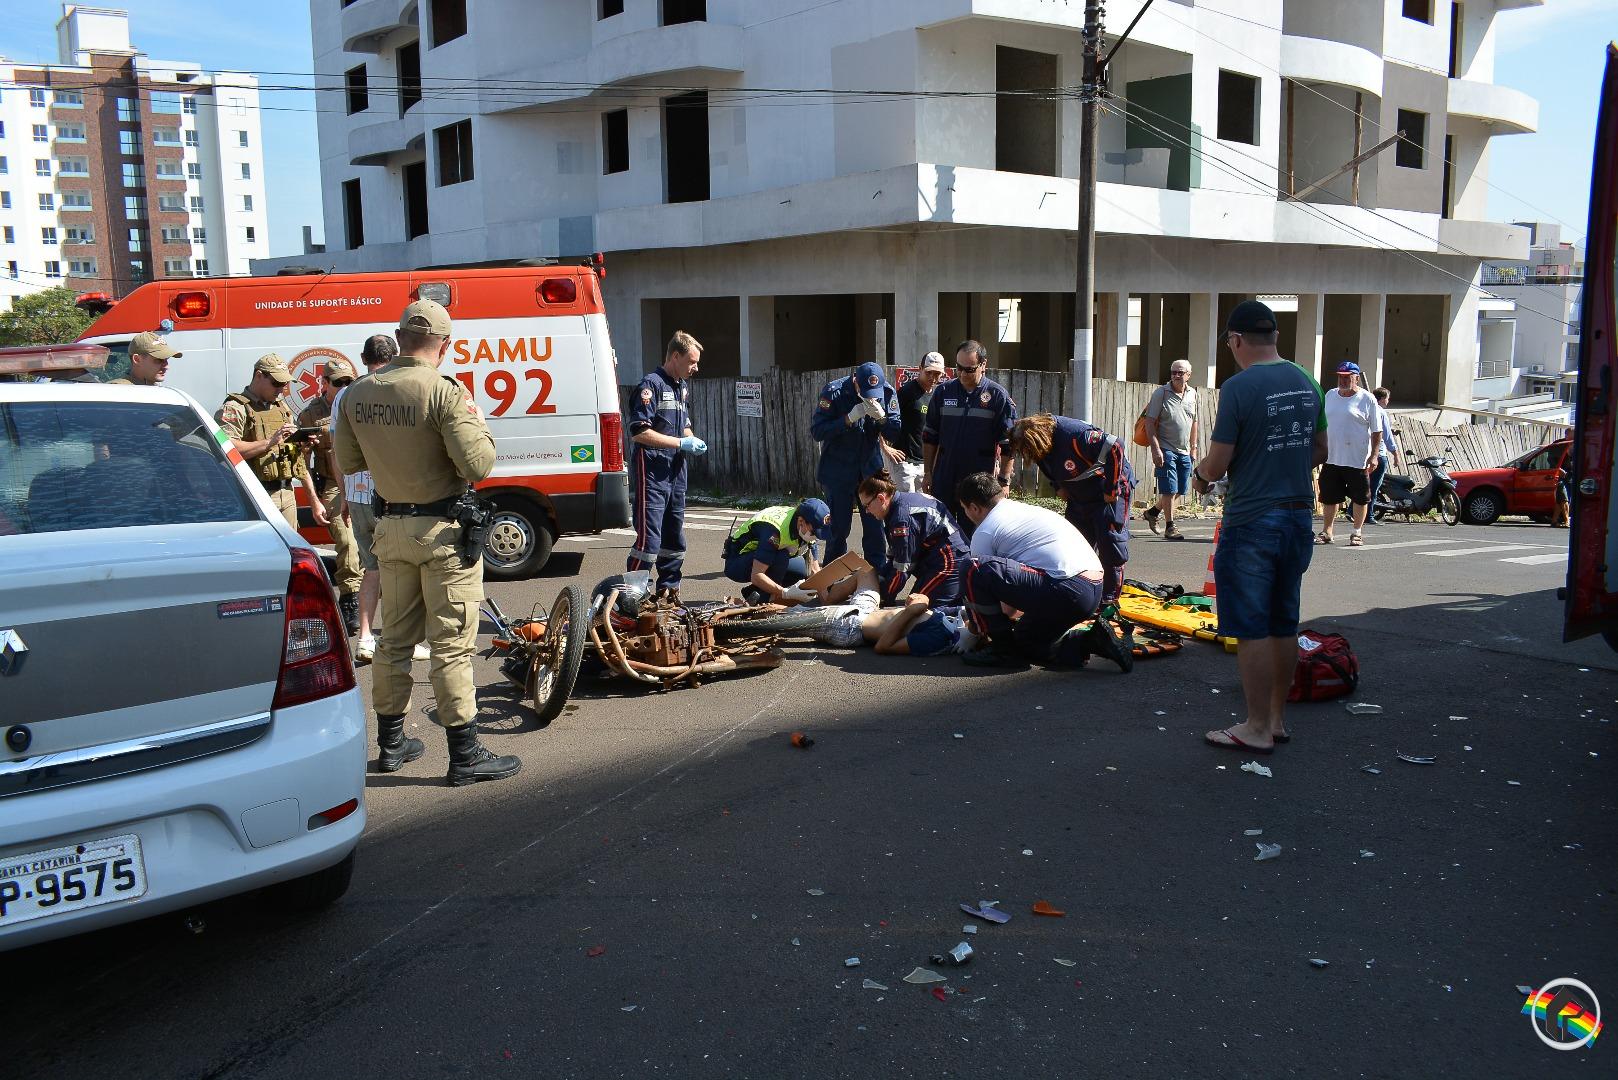 VÍDEO: Motociclista fica gravemente ferido ao ter frente cortada por caminhão